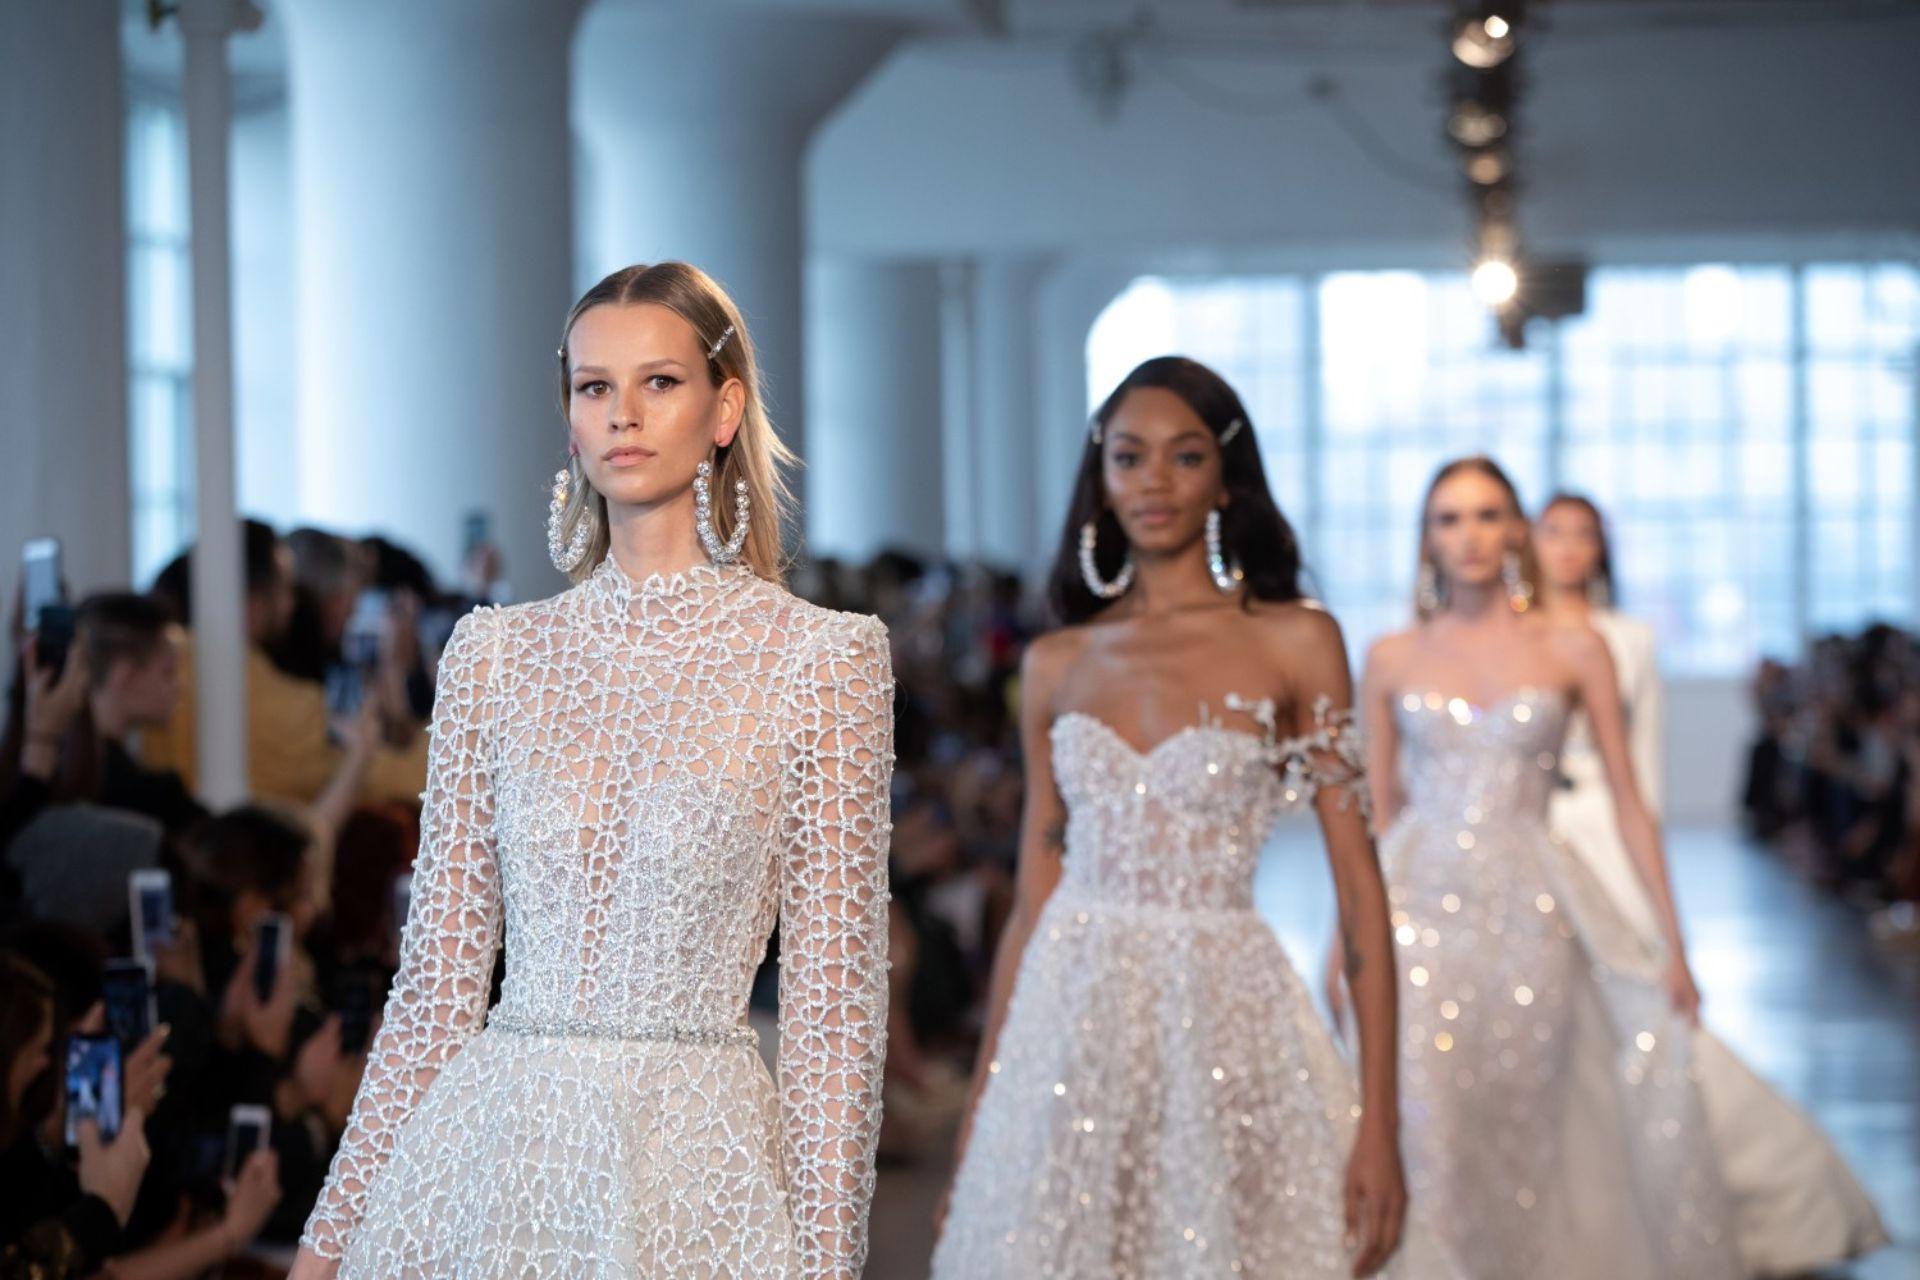 מסלול המראה: שבוע האופנה לכלות ניו יורק 2019